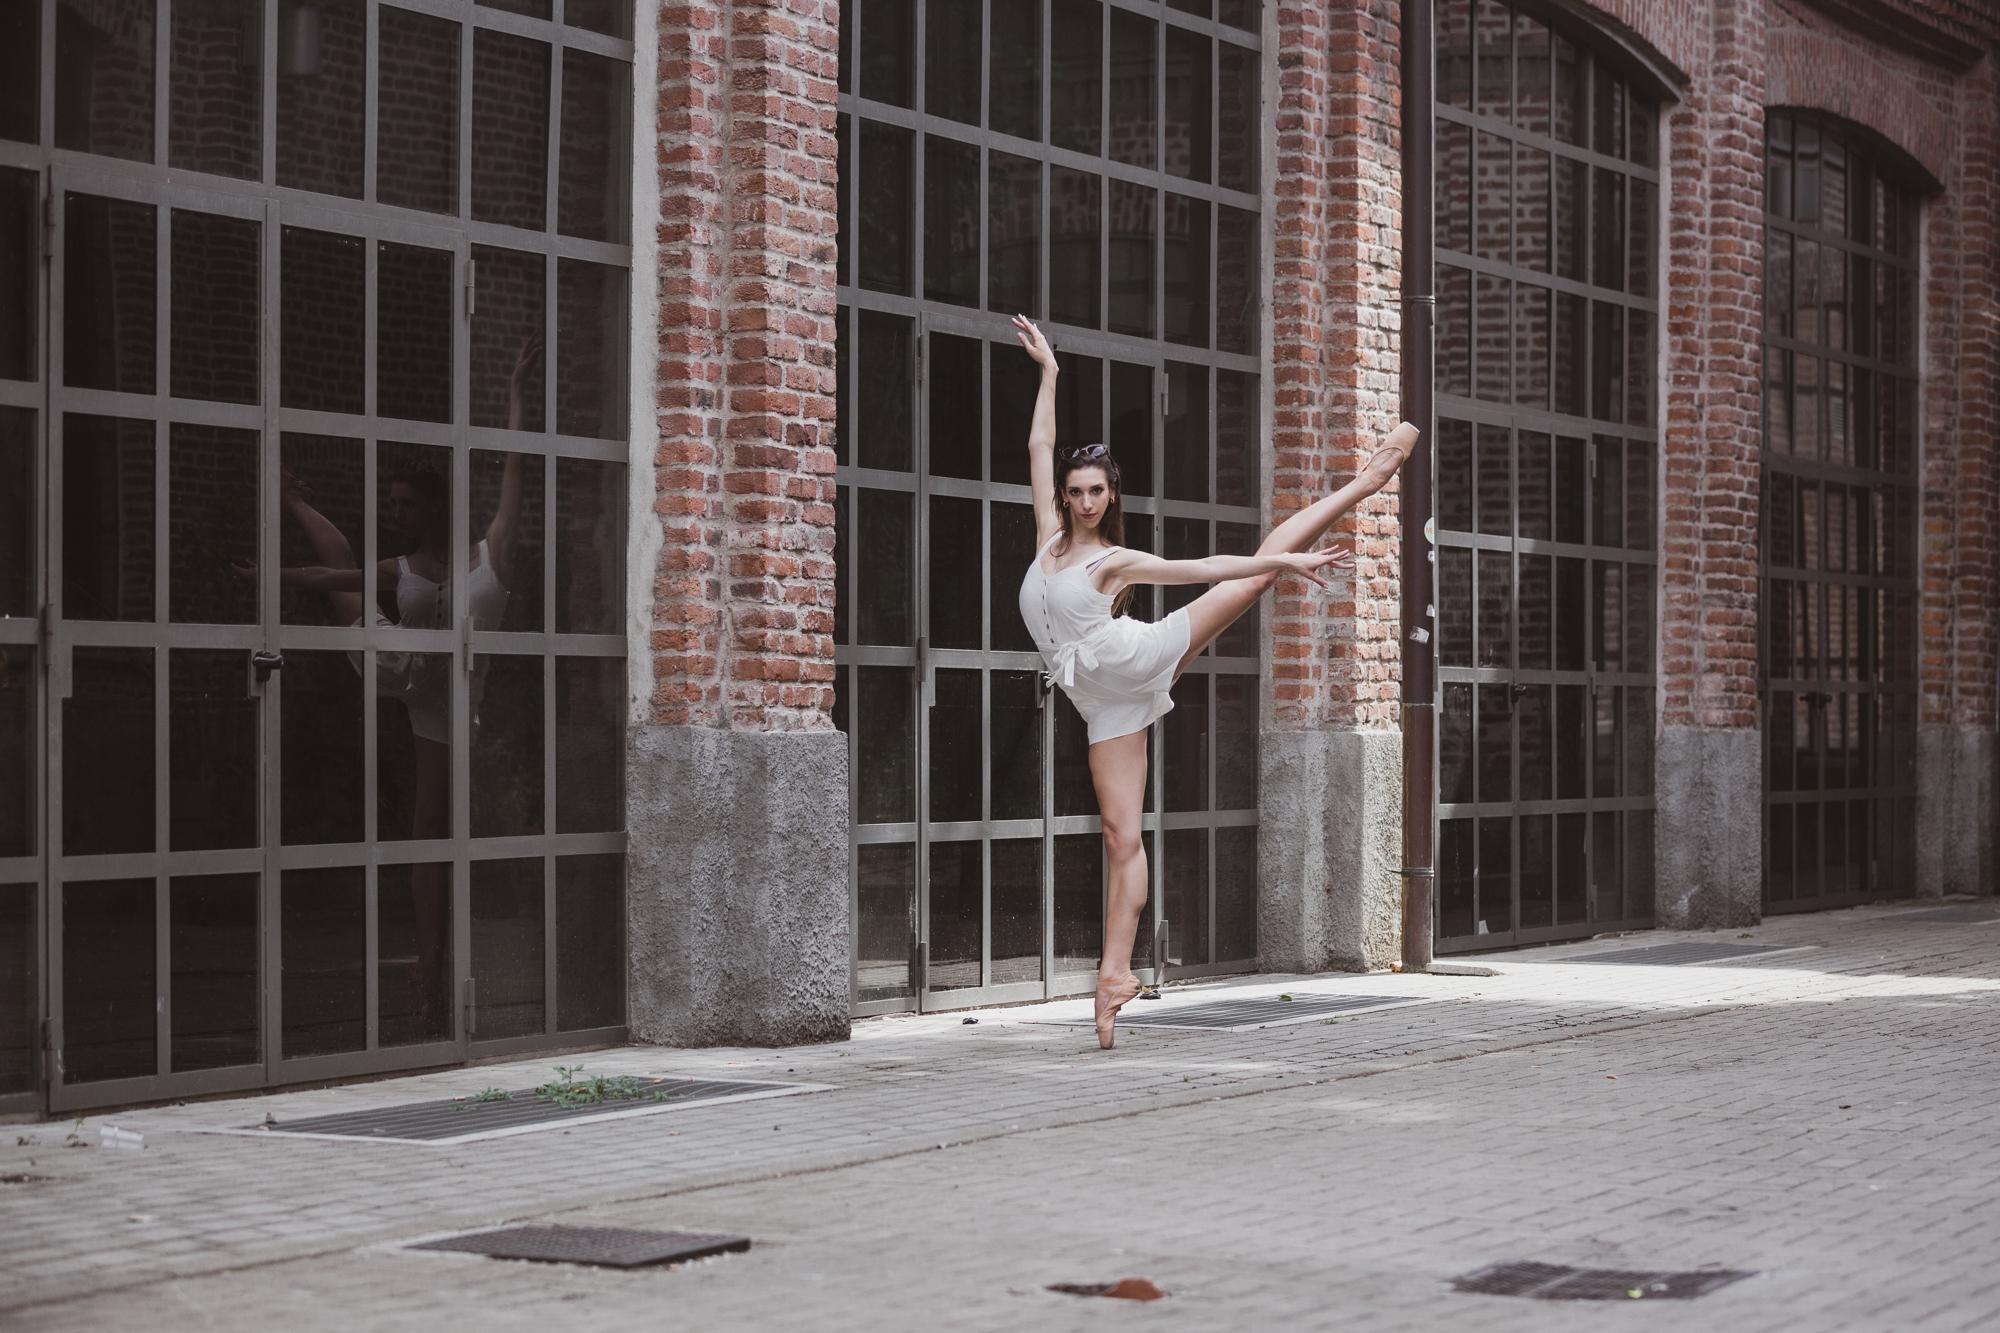 MariaCeleste_ballerina-4